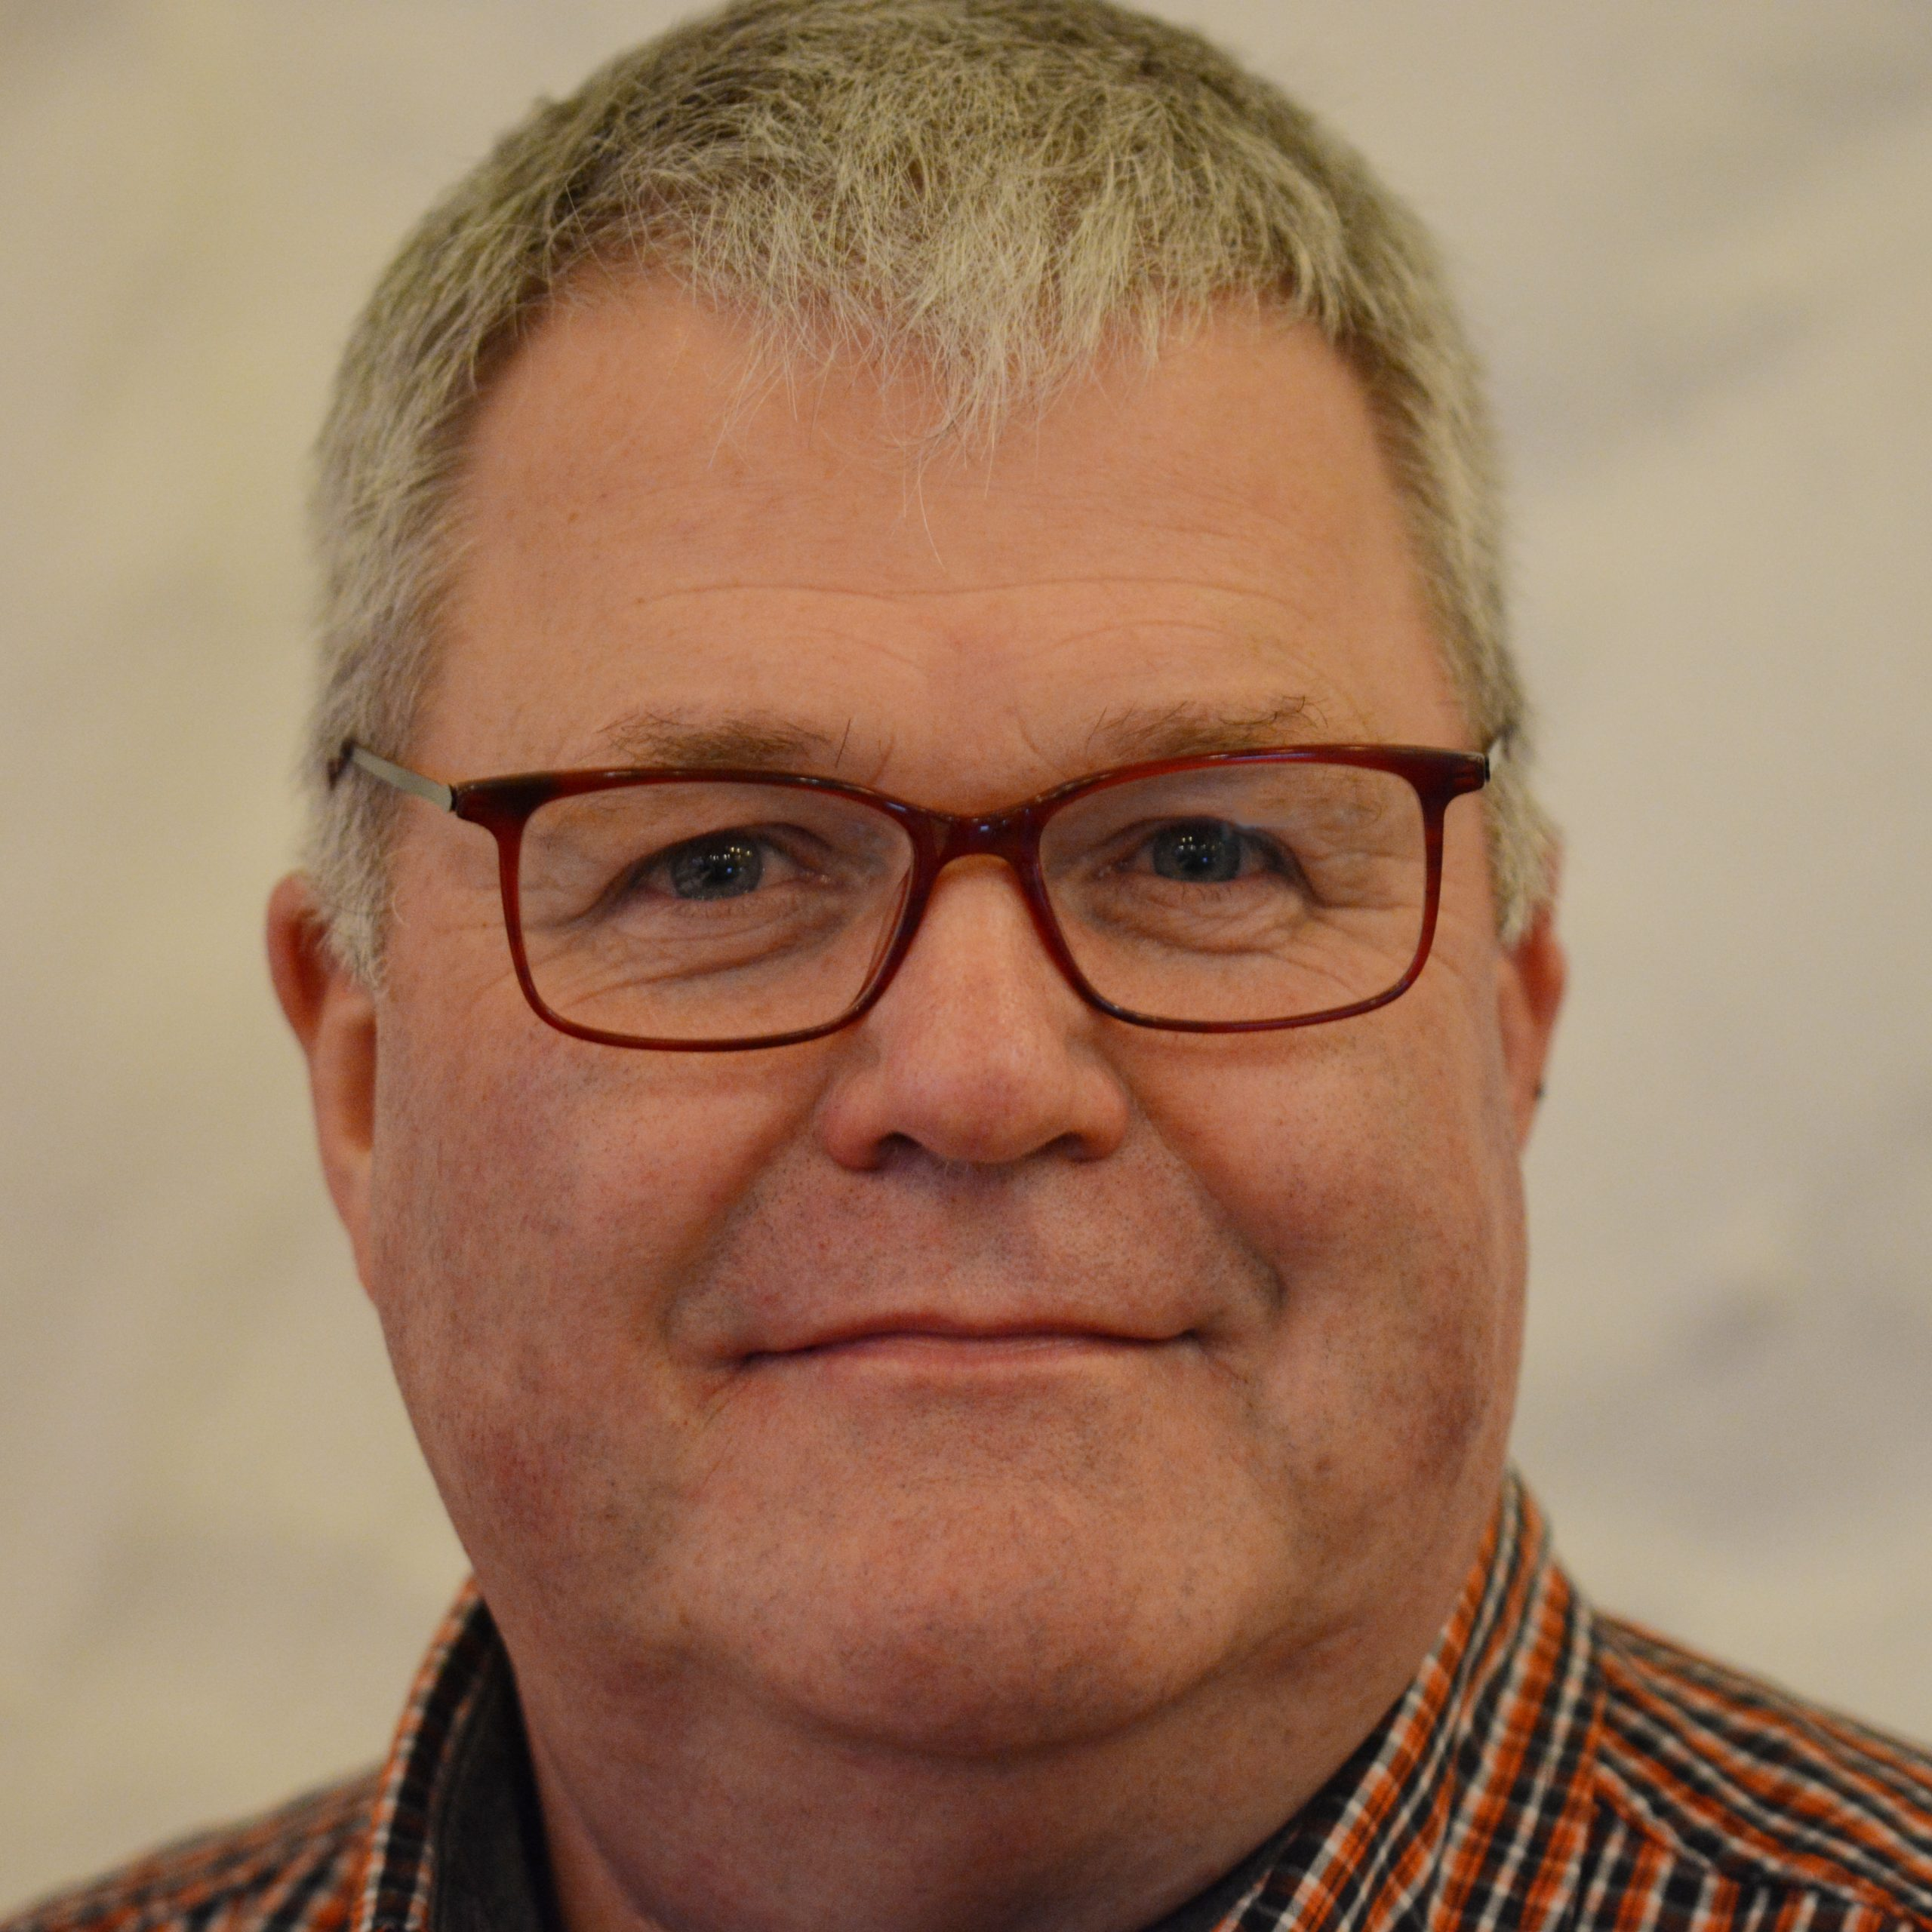 Bernfried Kleinelsen ist Ratsherr aus Gartrop und Vorsitzender des Bauausschusses der Gemeinde Hünxe.